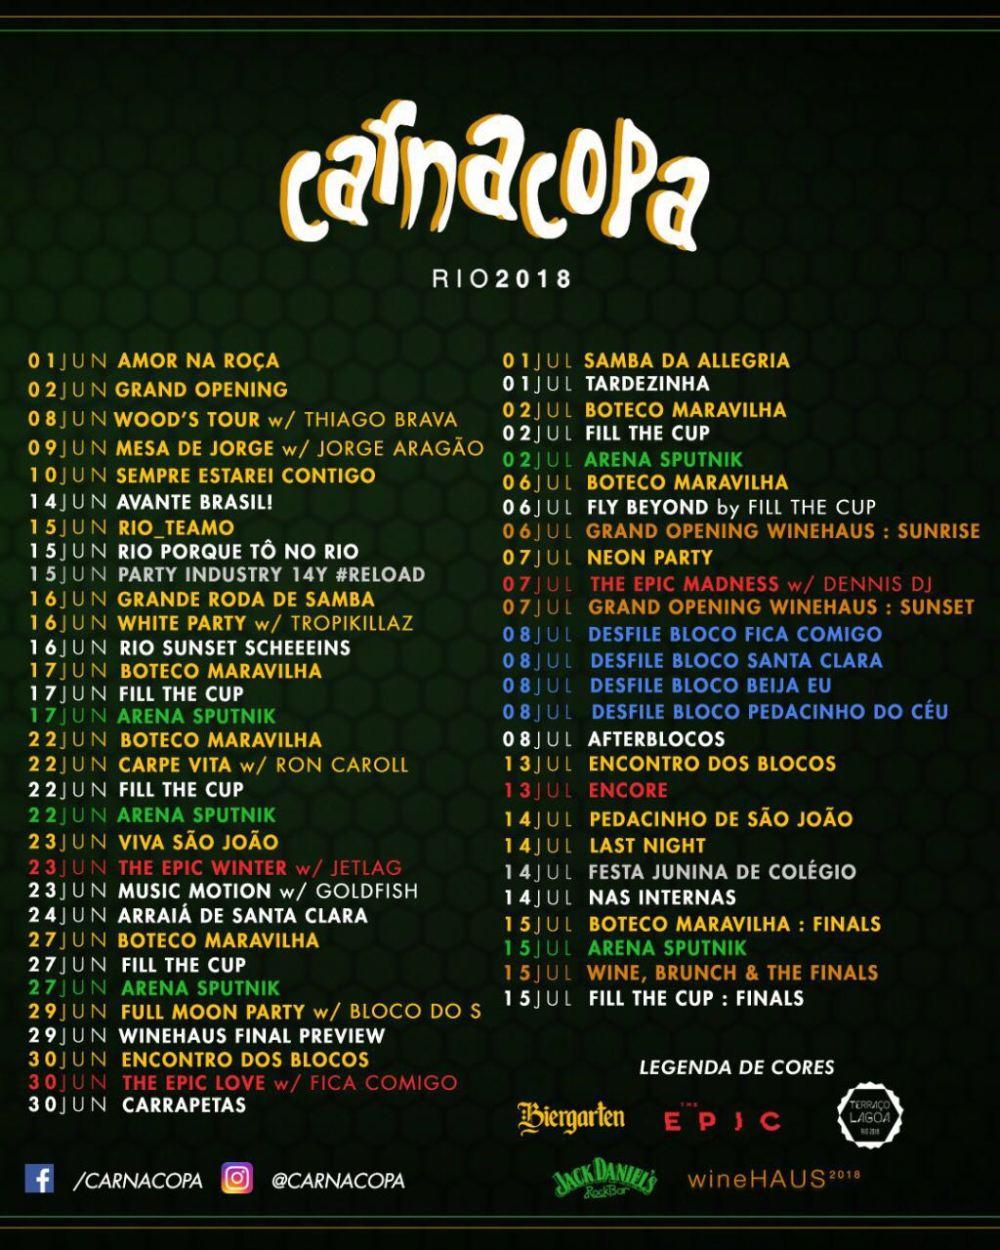 CarnaCopa lista completa dos eventos no Rio de Janeiro